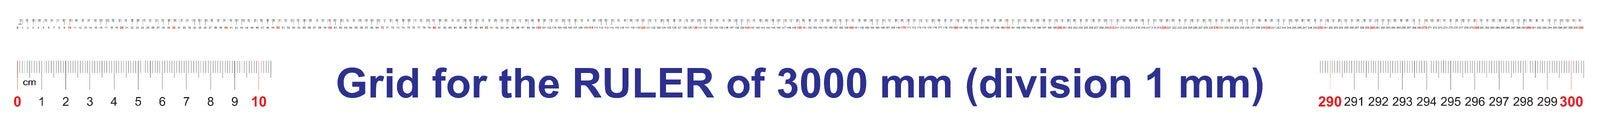 Grille pour une règle de 3000 millimètres, 300 centimètres, 3 mètres Grille de calibrage Division de valeur 1 millimètre